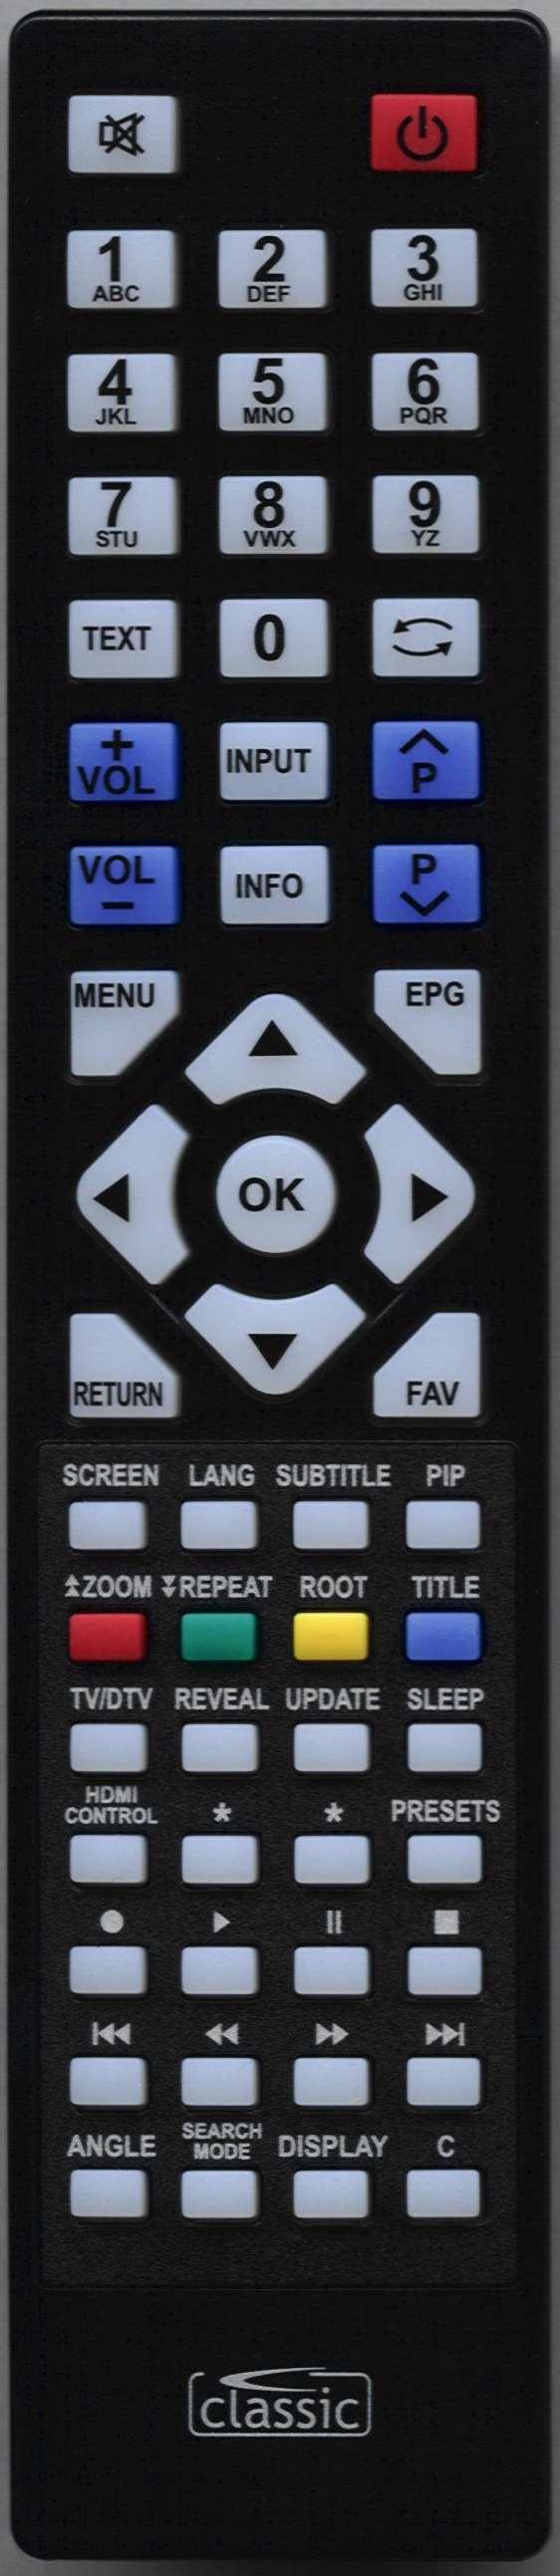 LUXOR V19LCDDVD875 Remote Control Alternative